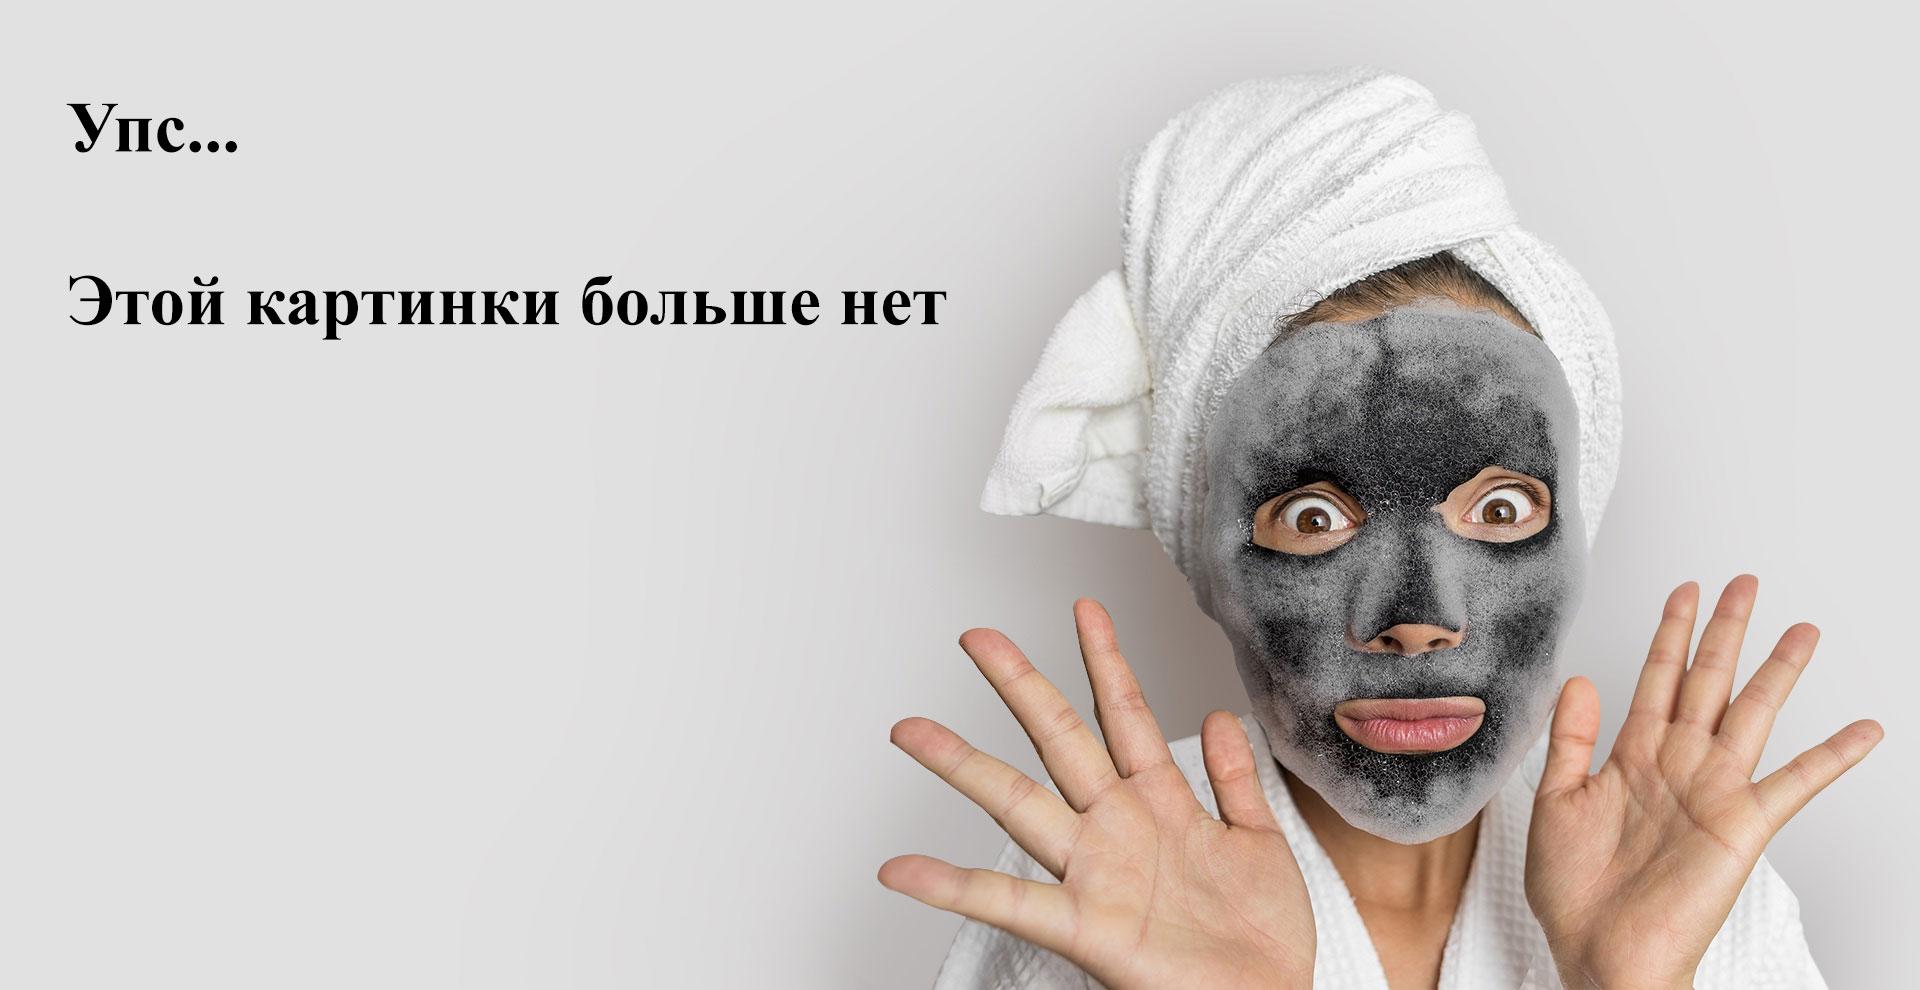 Patrisa Nail, Гель-лак «Времена года», Крещенские морозы